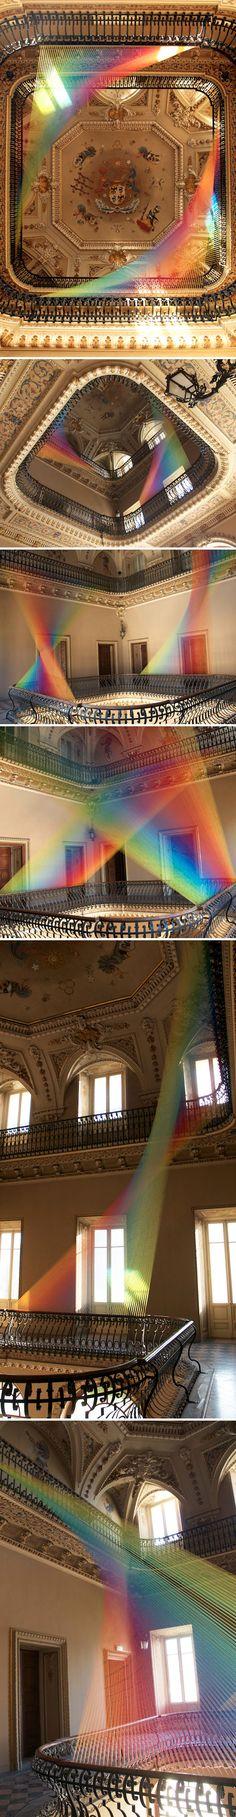 Rainbow thread installation by Gabriel Dawe